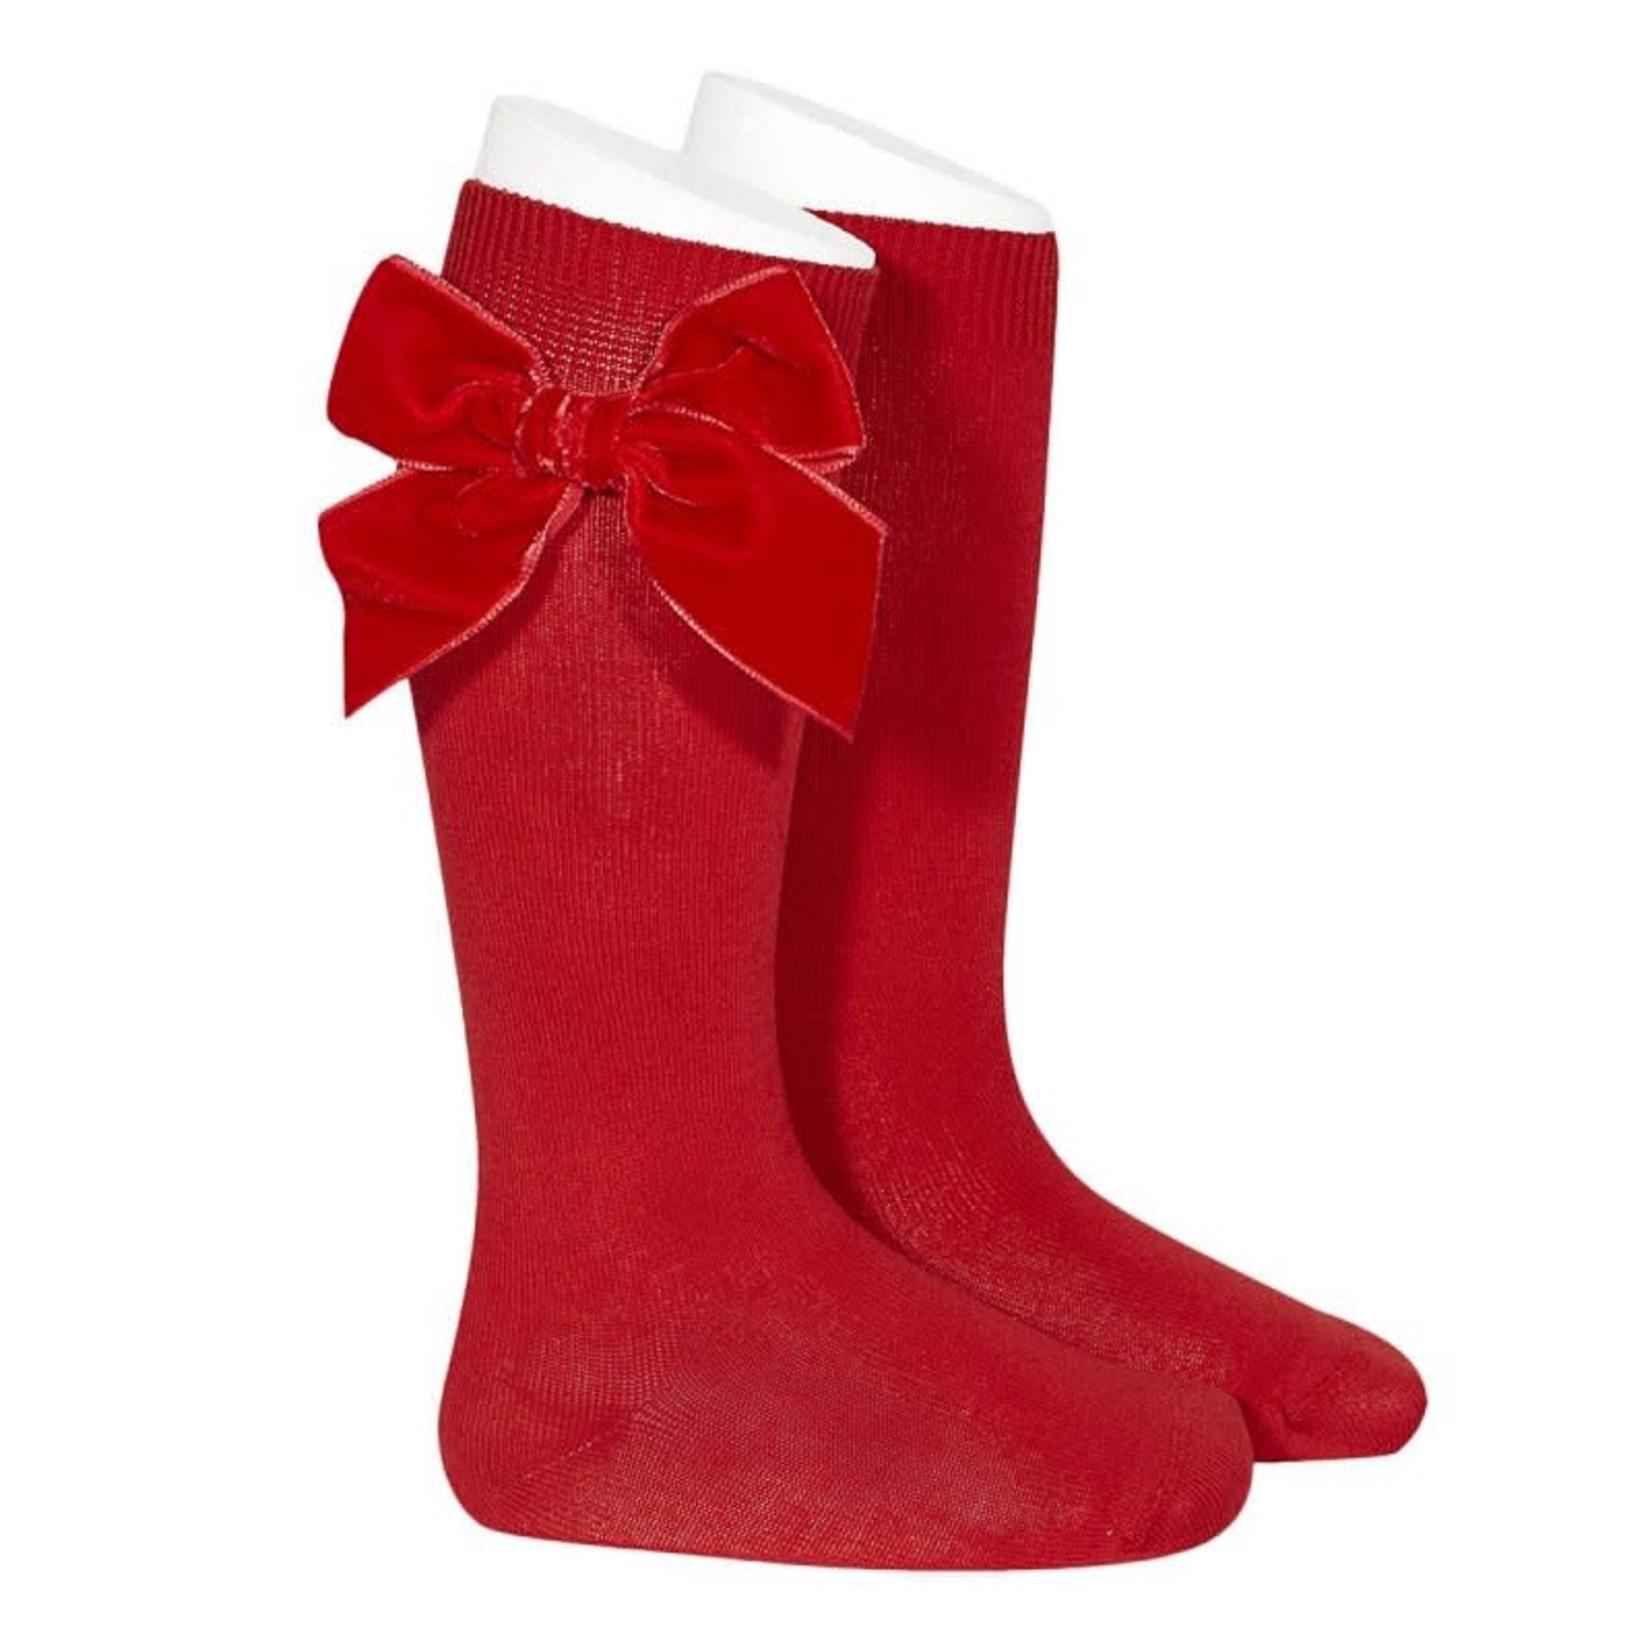 Velvet Socks Knee High - Red